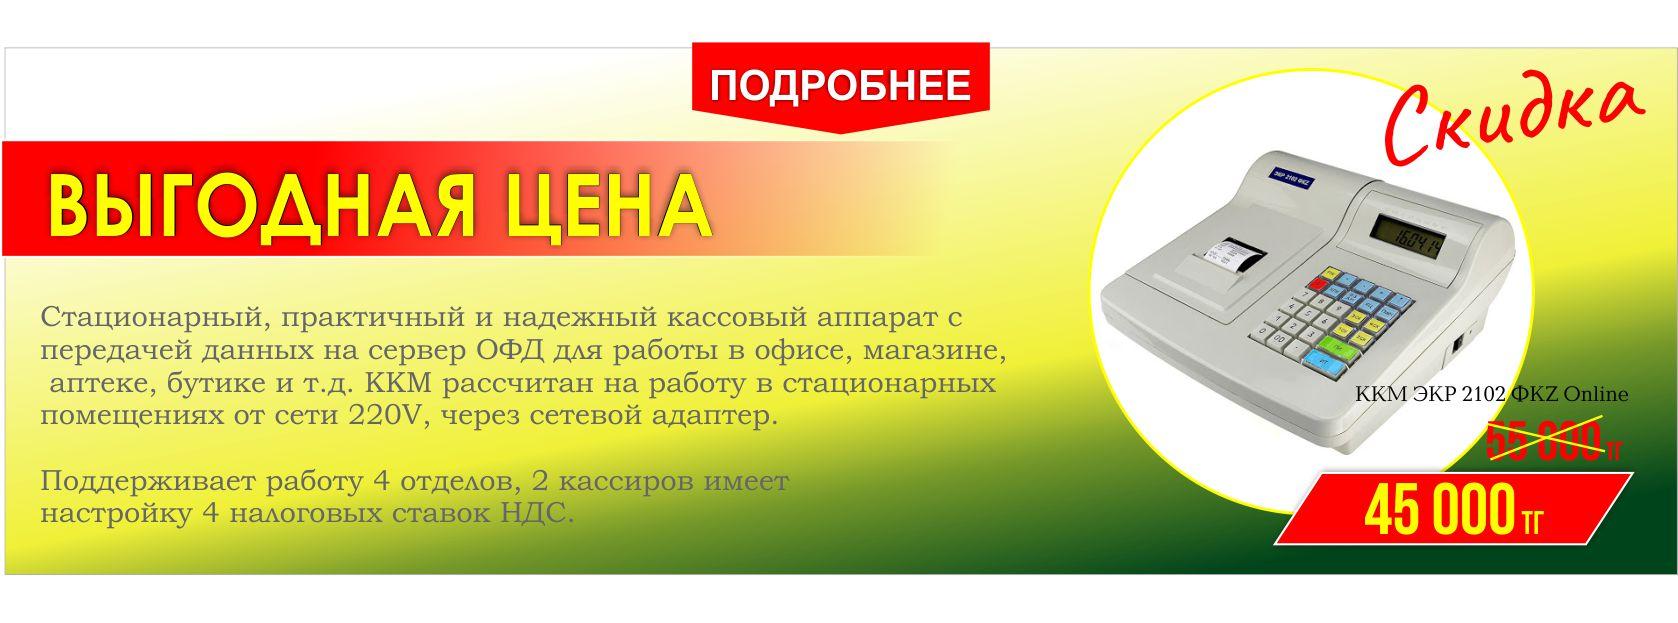 http://www.vaia.kz/kontrolno-kassovye-apparaty/kkm-online/kkm-ekr-2102-fkz-online